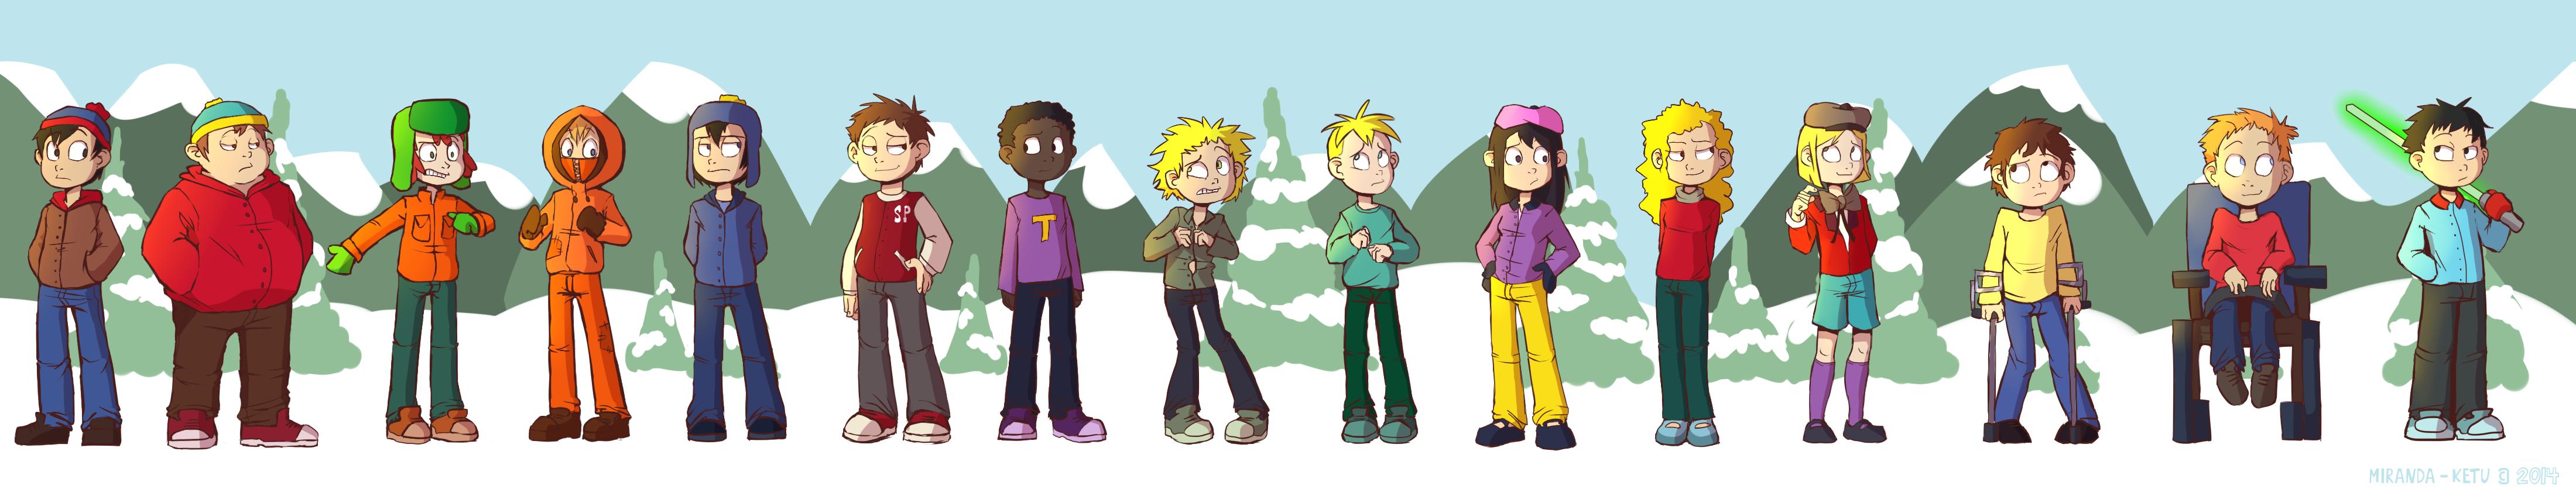 South Park by miranda-ketu